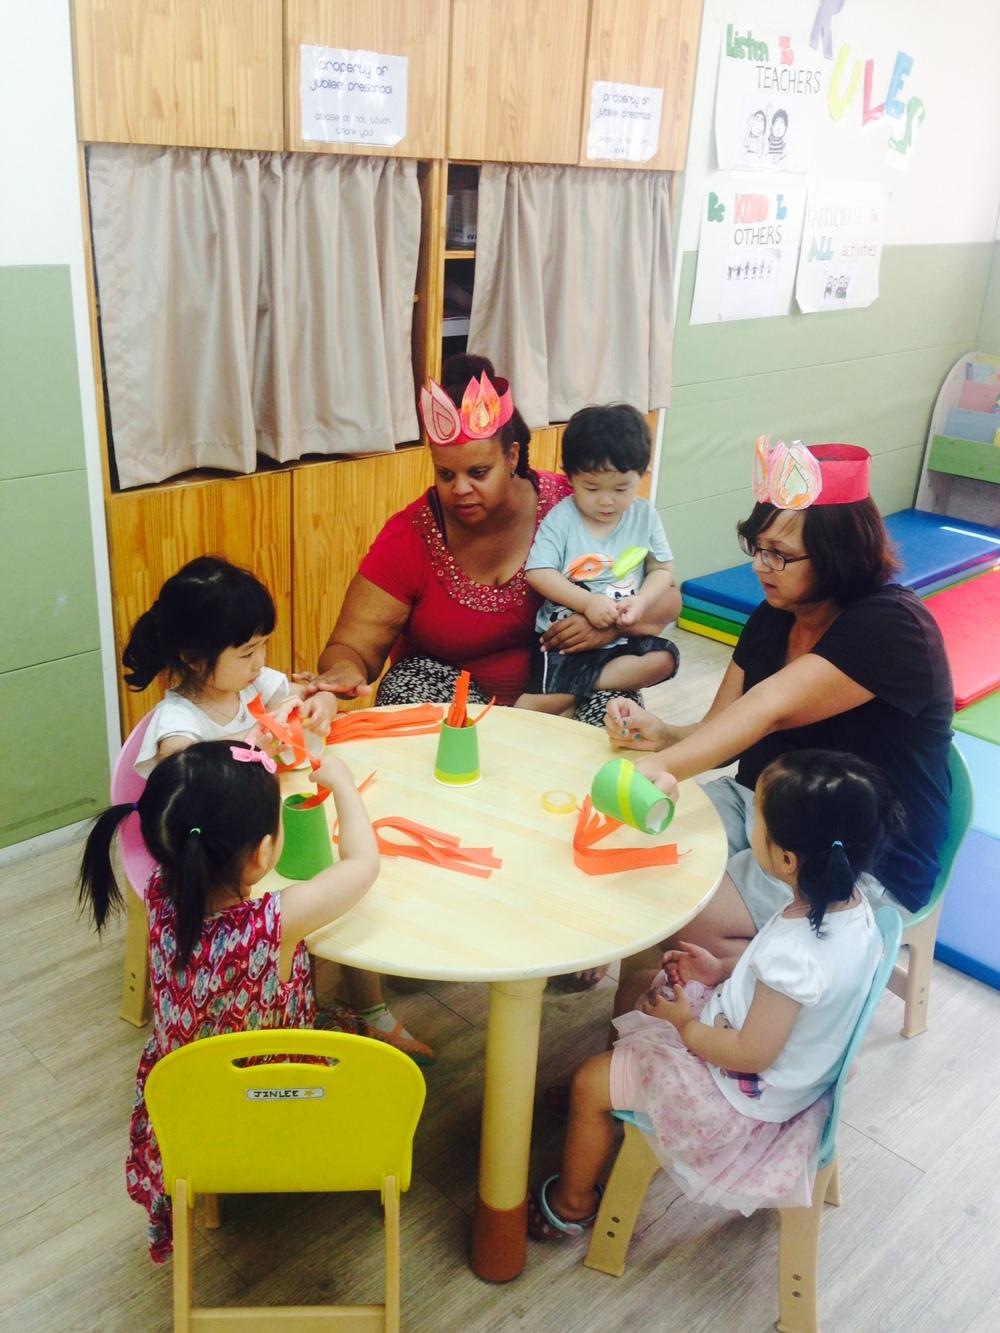 Jubilee Service Project: Preschool